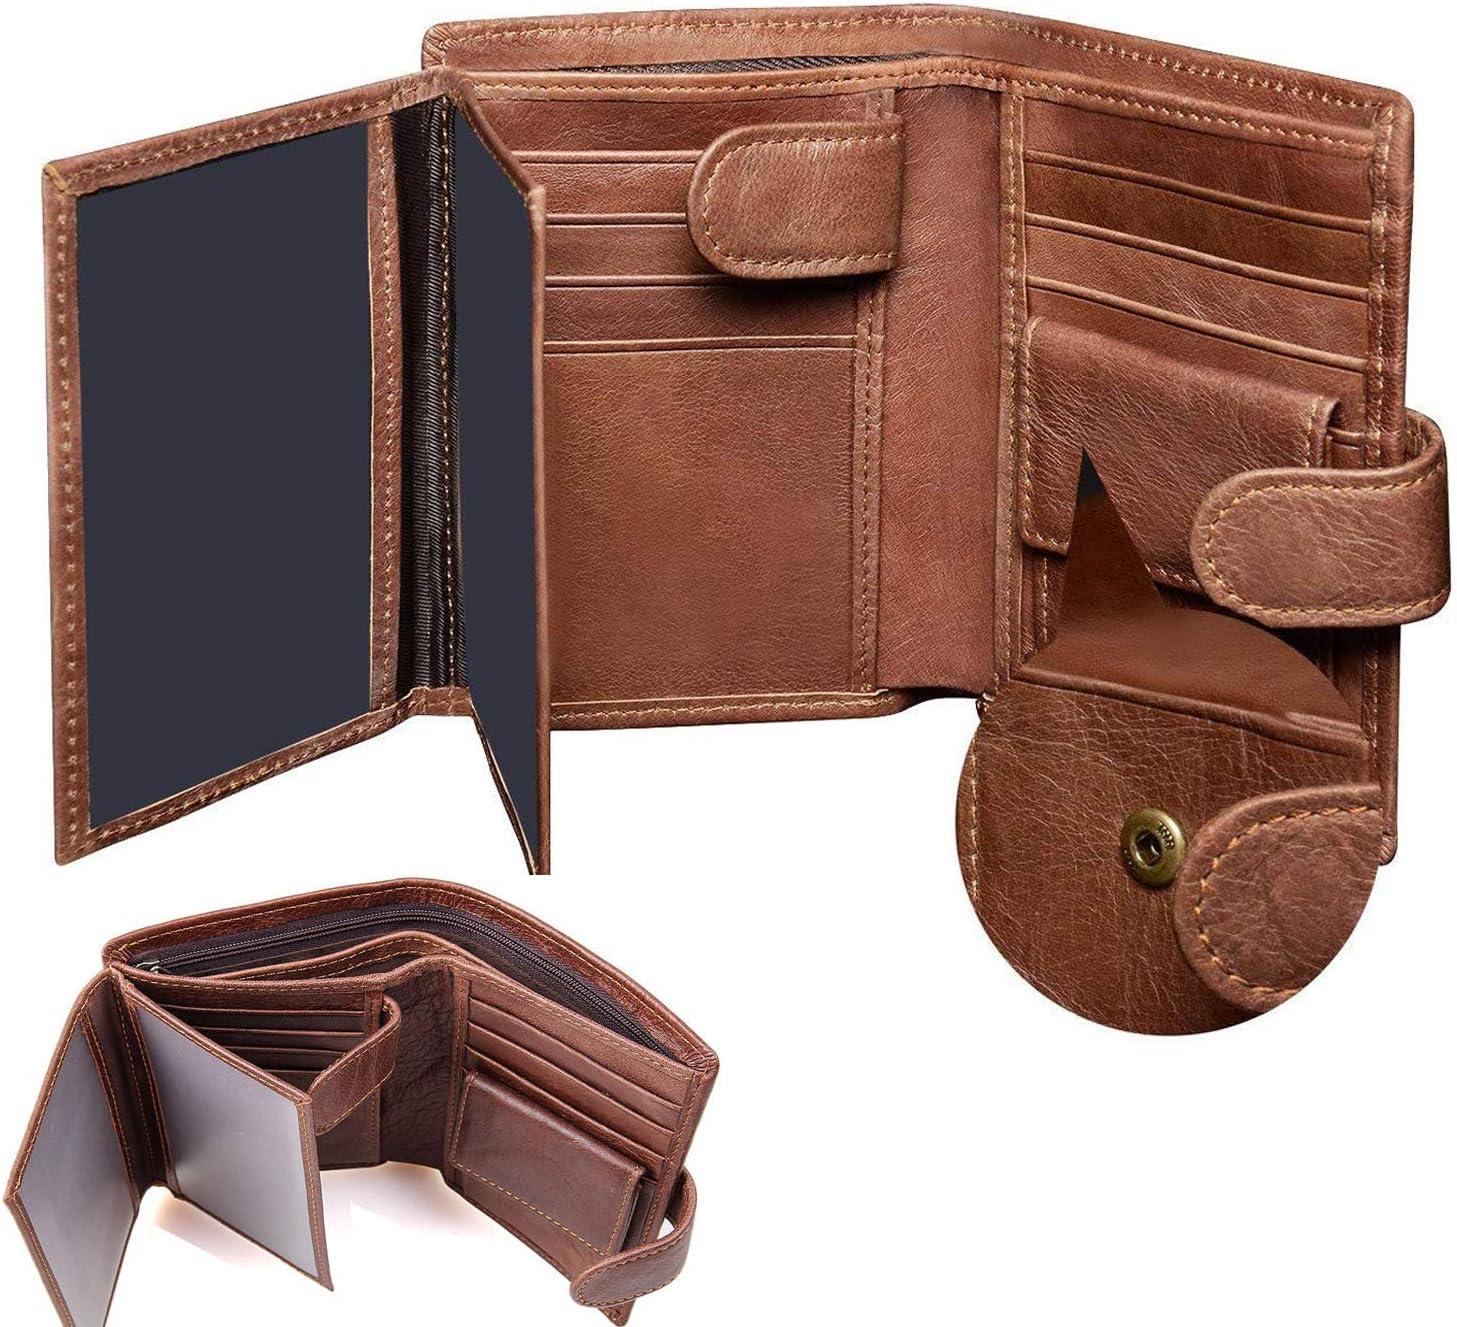 Billetera de cuero para hombre, billetera de cuero genuino, billetera de triple pliegue RFID para hombres, billetera Corspake con caja de regalo, 11 ranuras para tarjetas de crédito, 3 ventanas con id